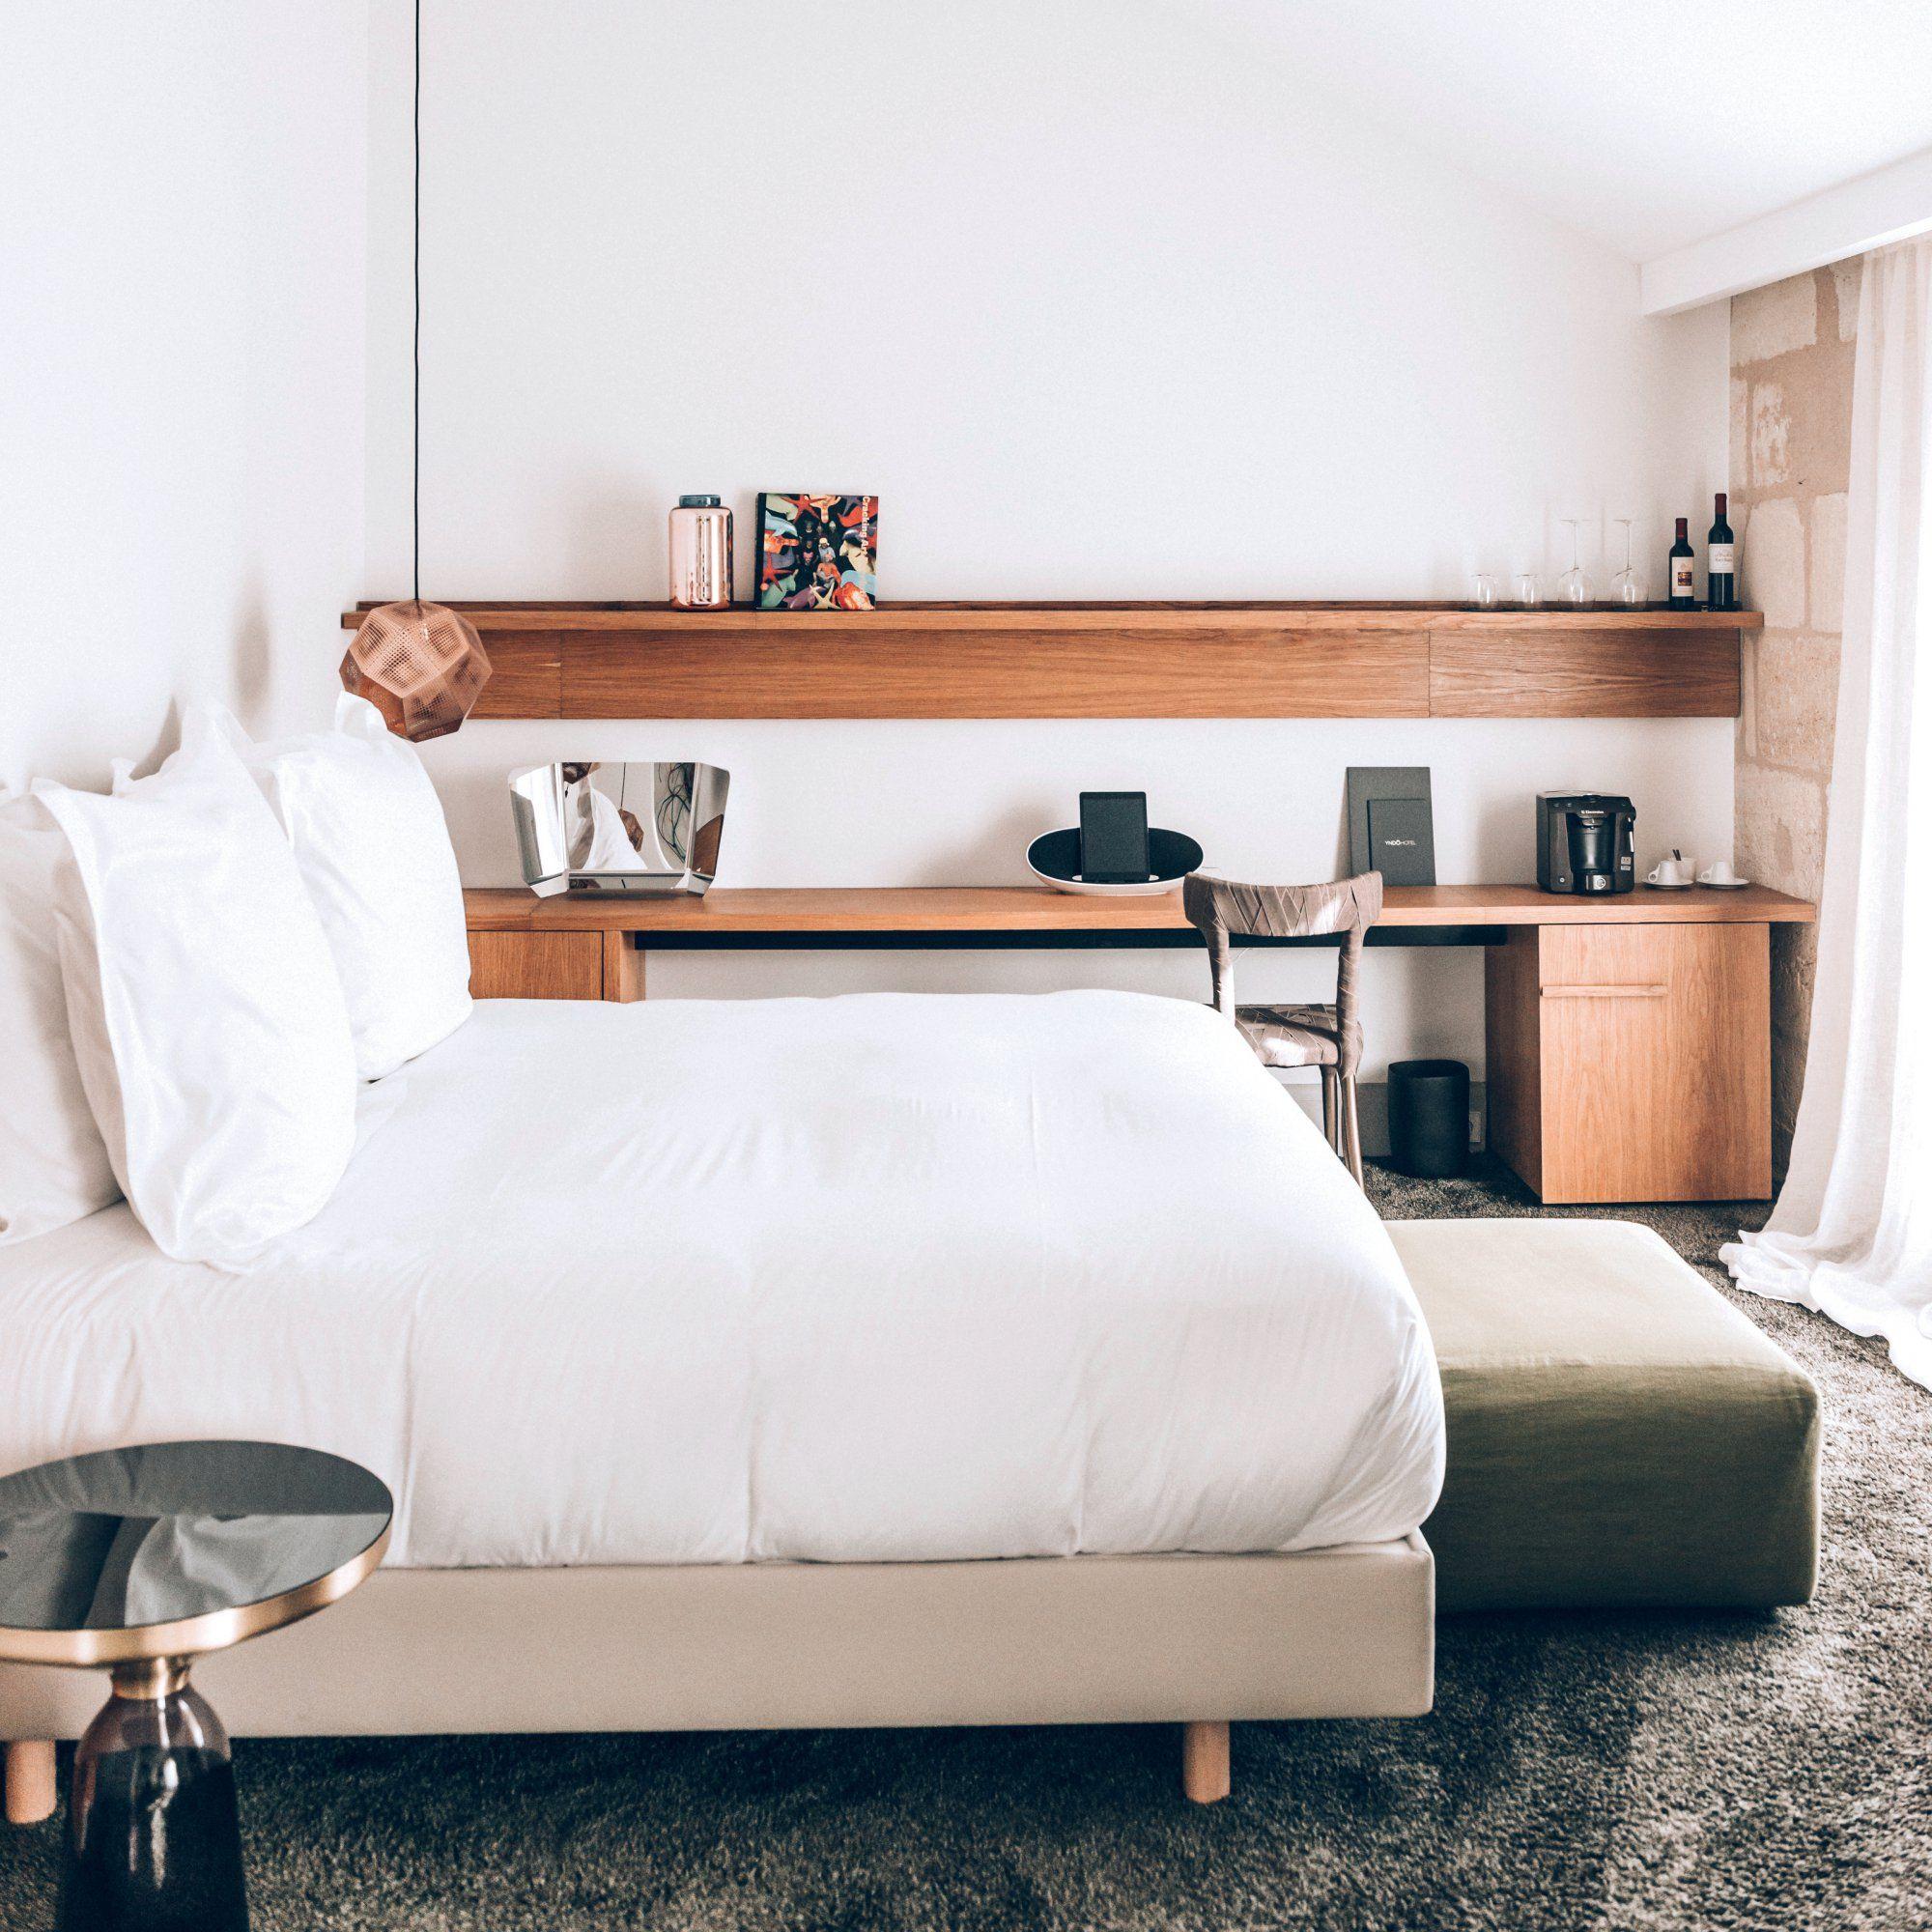 Petites chambres grandes id es amenagement petite - Amenagement bureau chambre d amis ...